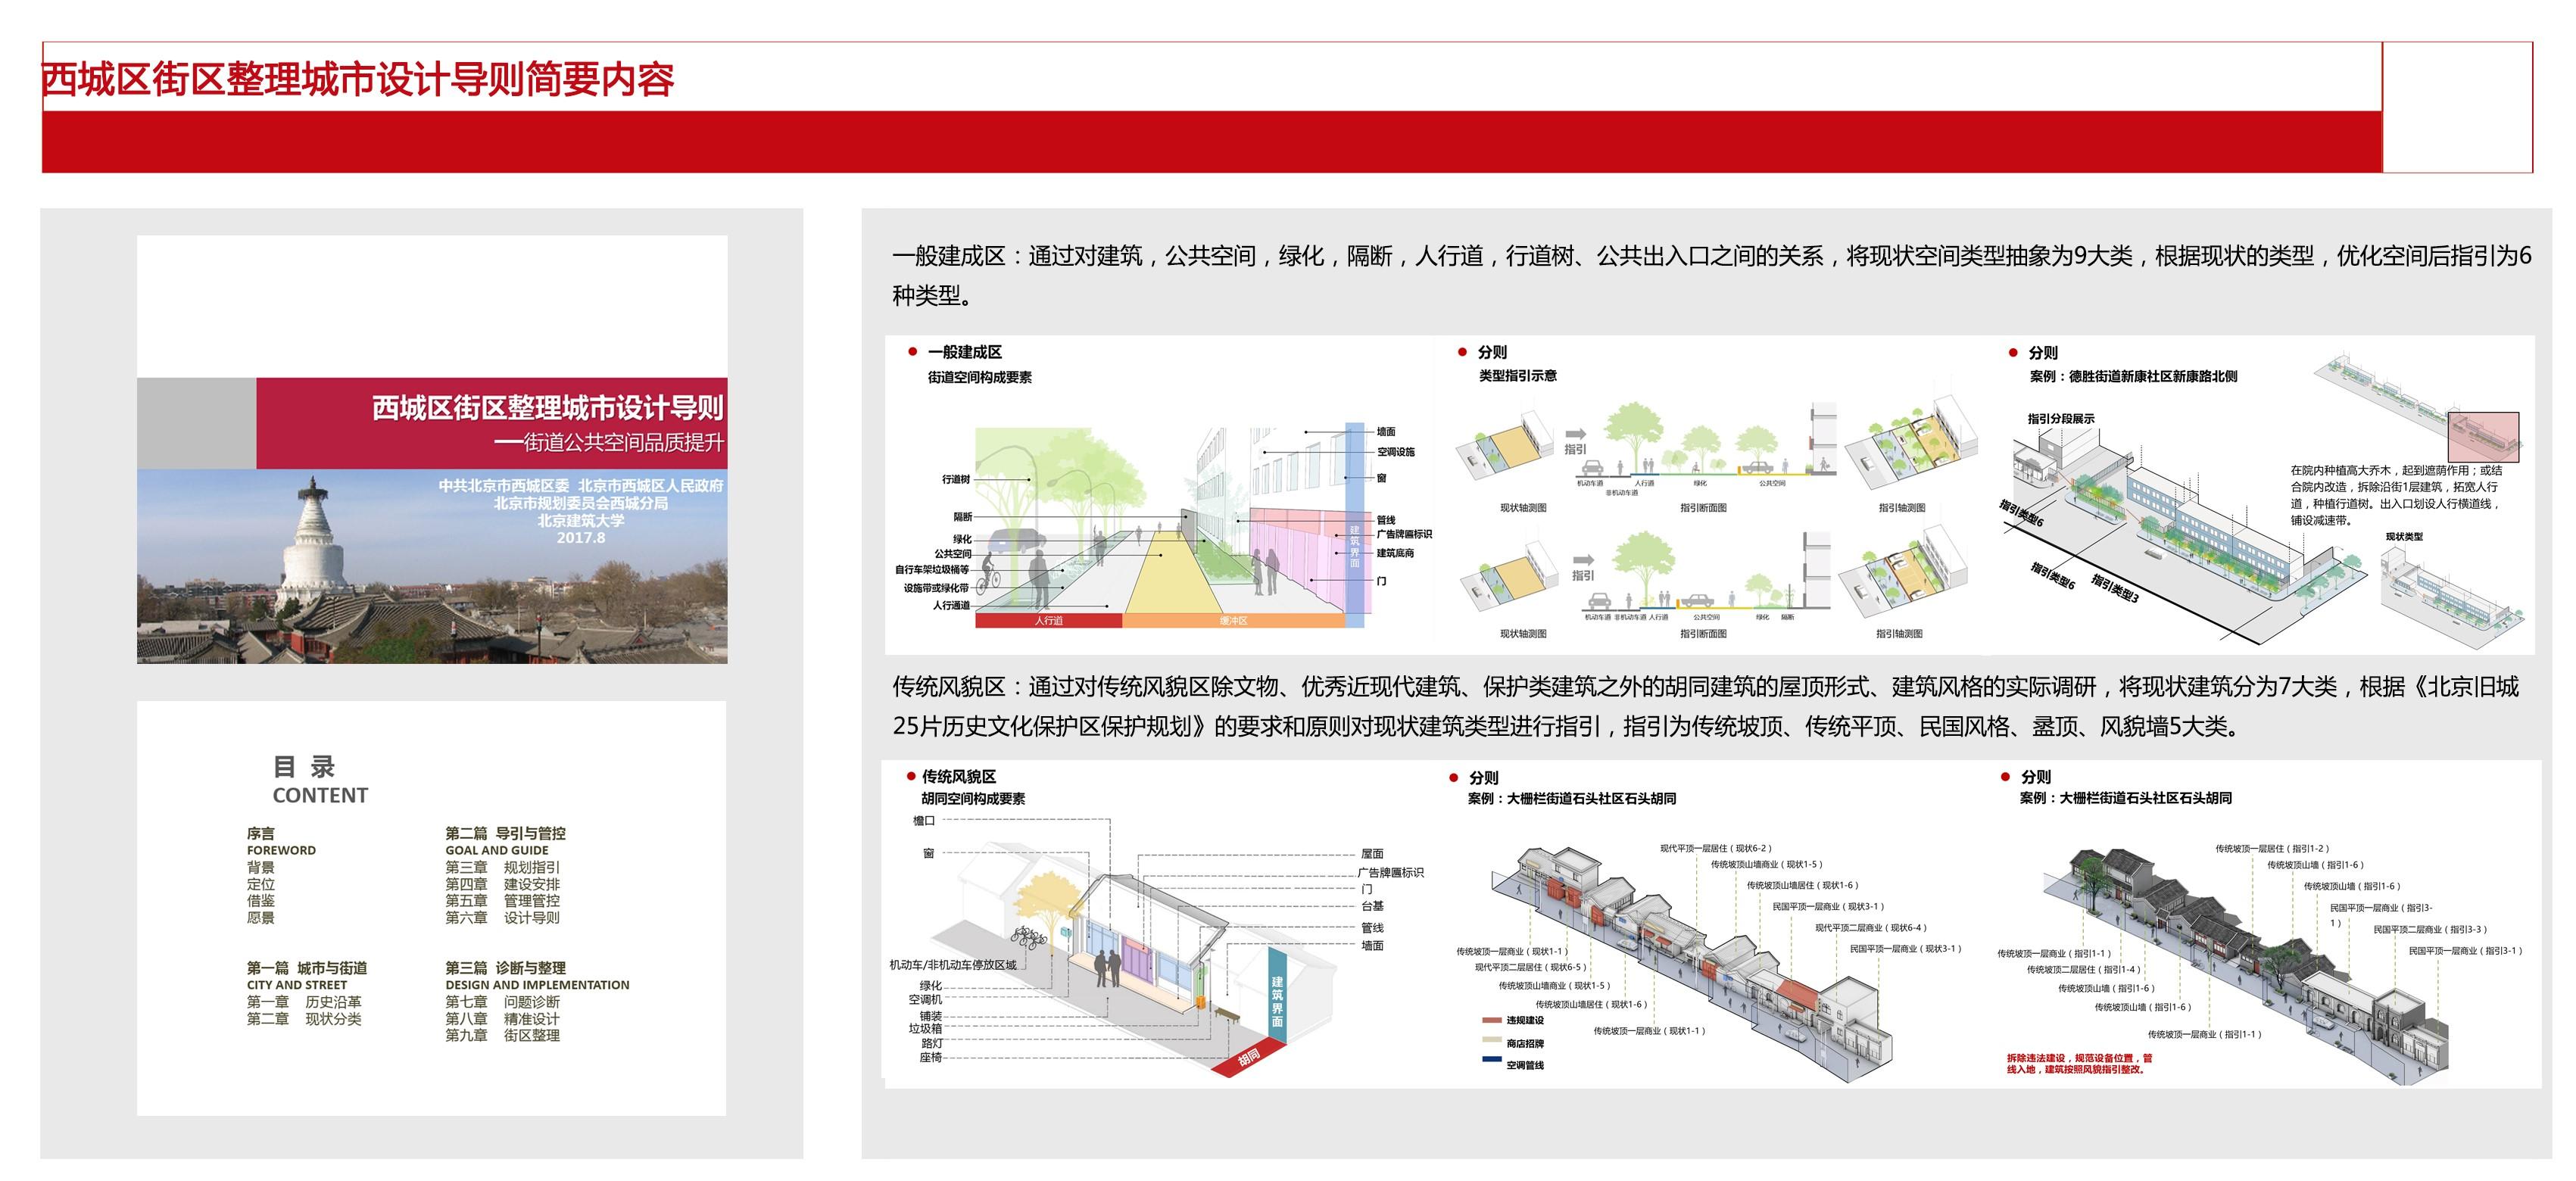 """北京建筑大学""""遇见""""2017北京国际设计周活动——建筑学院丁奇教授进行"""